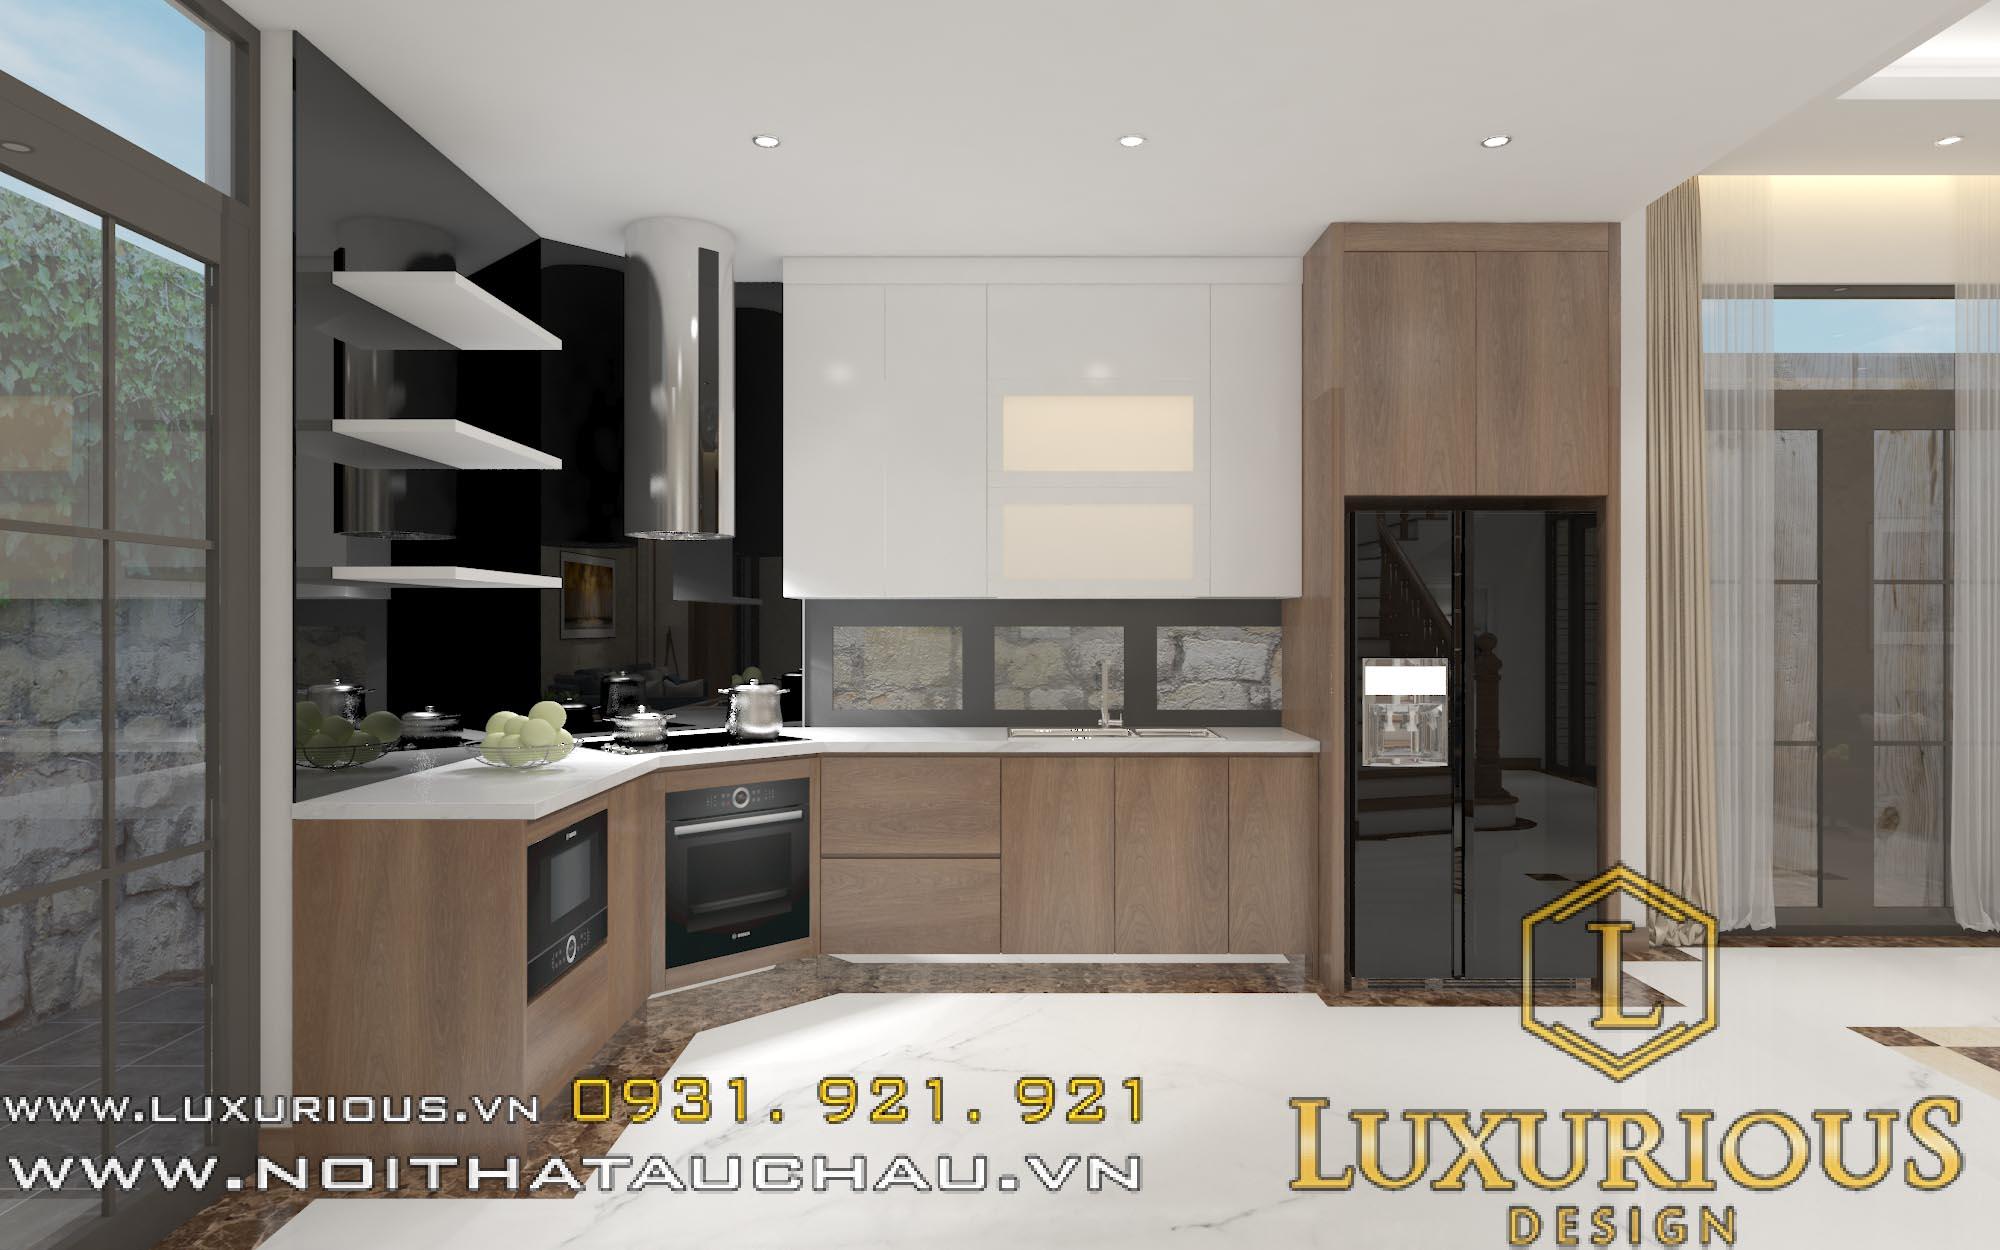 thiết kế nội thất phòng bếp nhà lô phố mặt tiền 5m